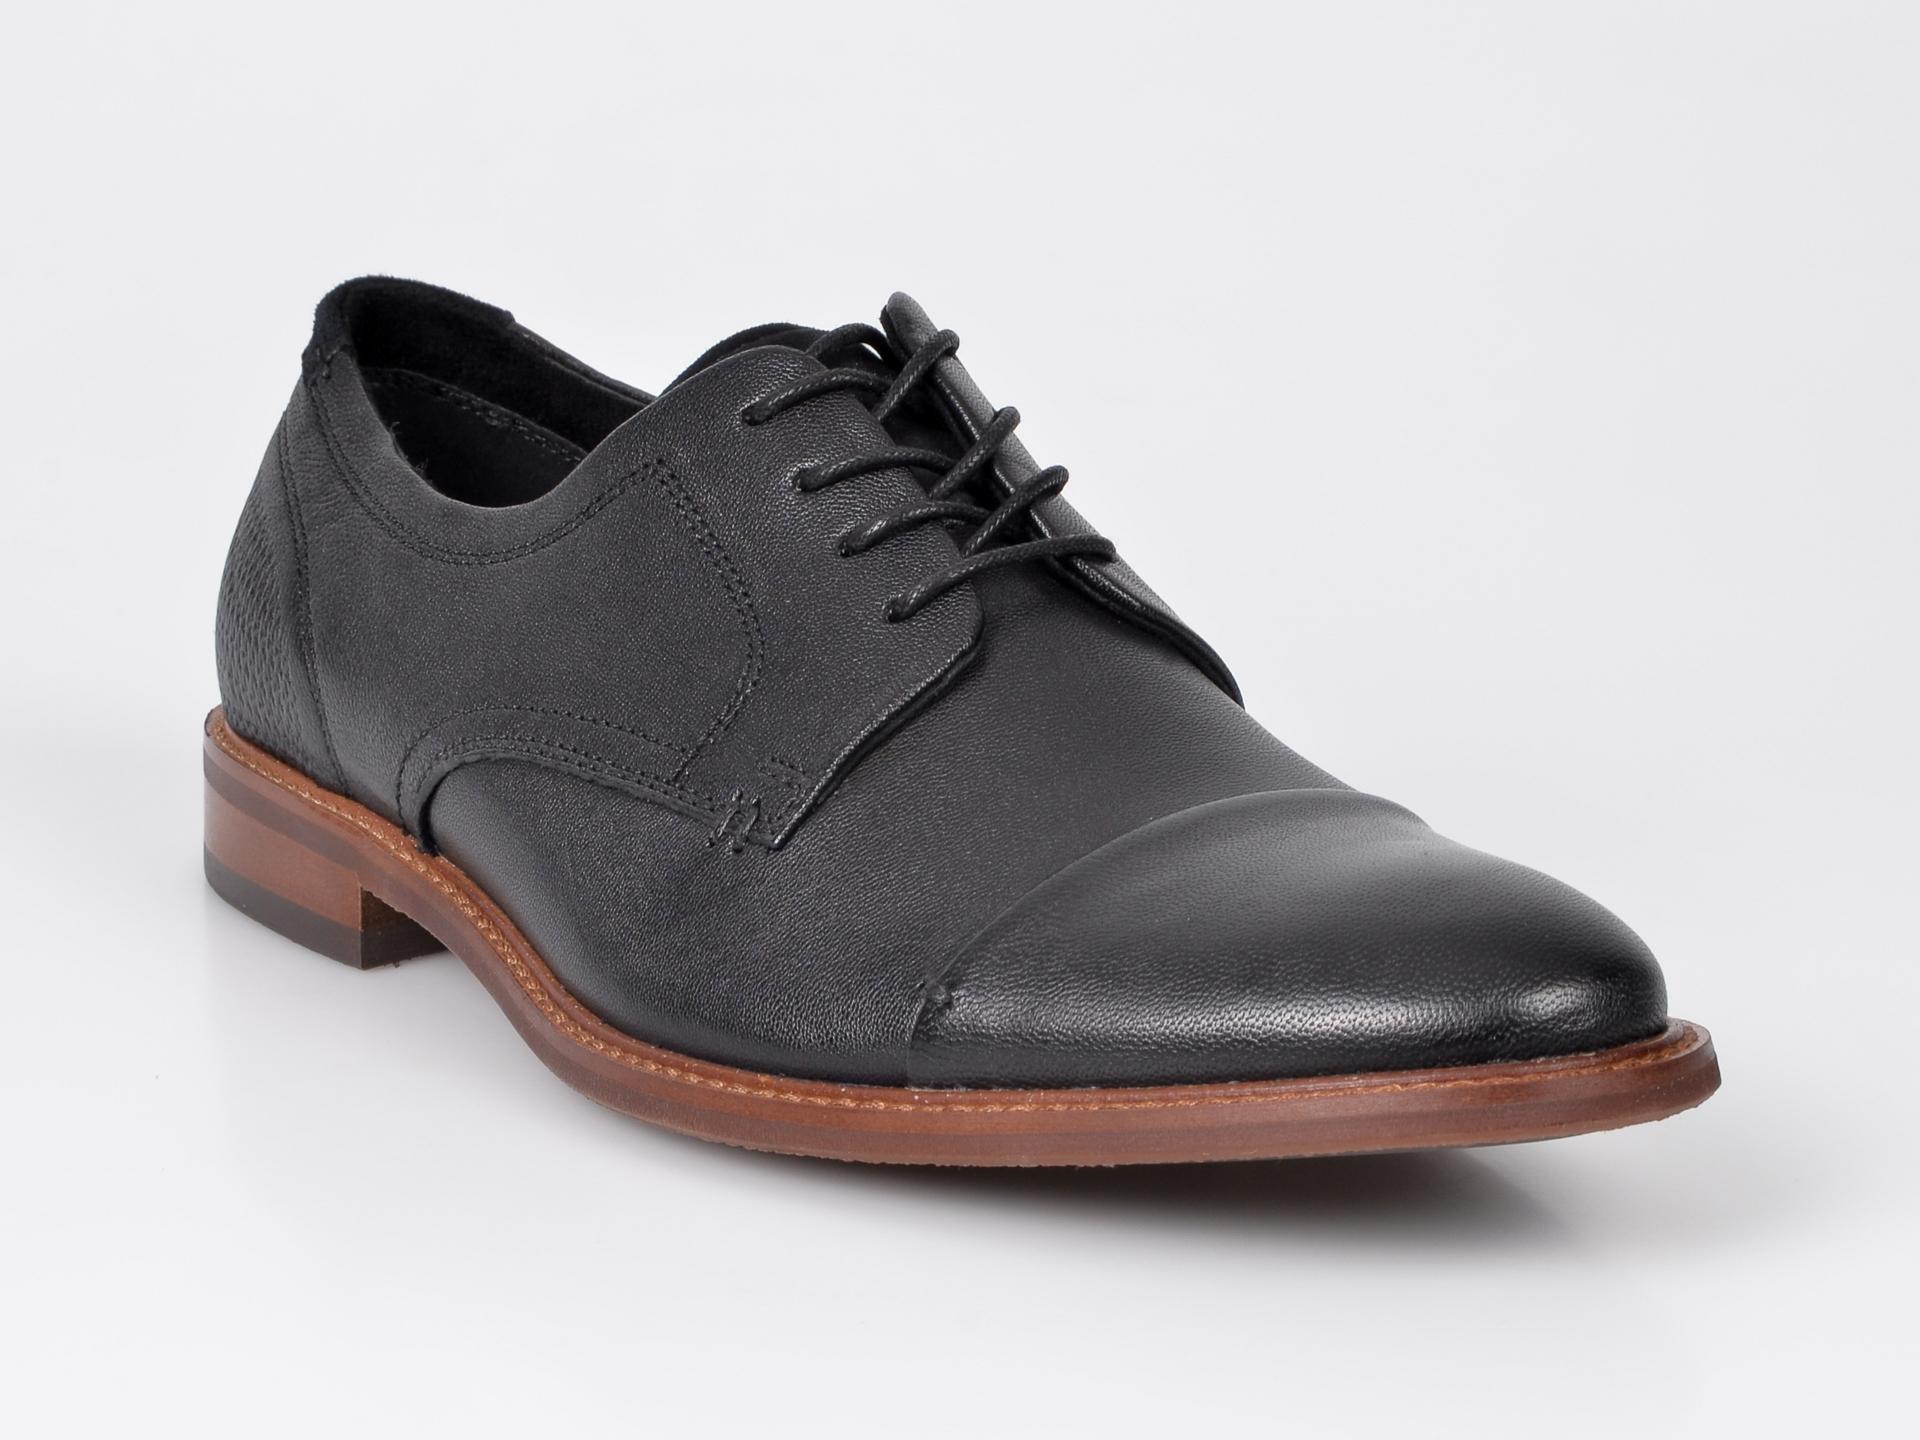 Pantofi ALDO negri, Cradowen, din piele naturala imagine otter.ro 2021